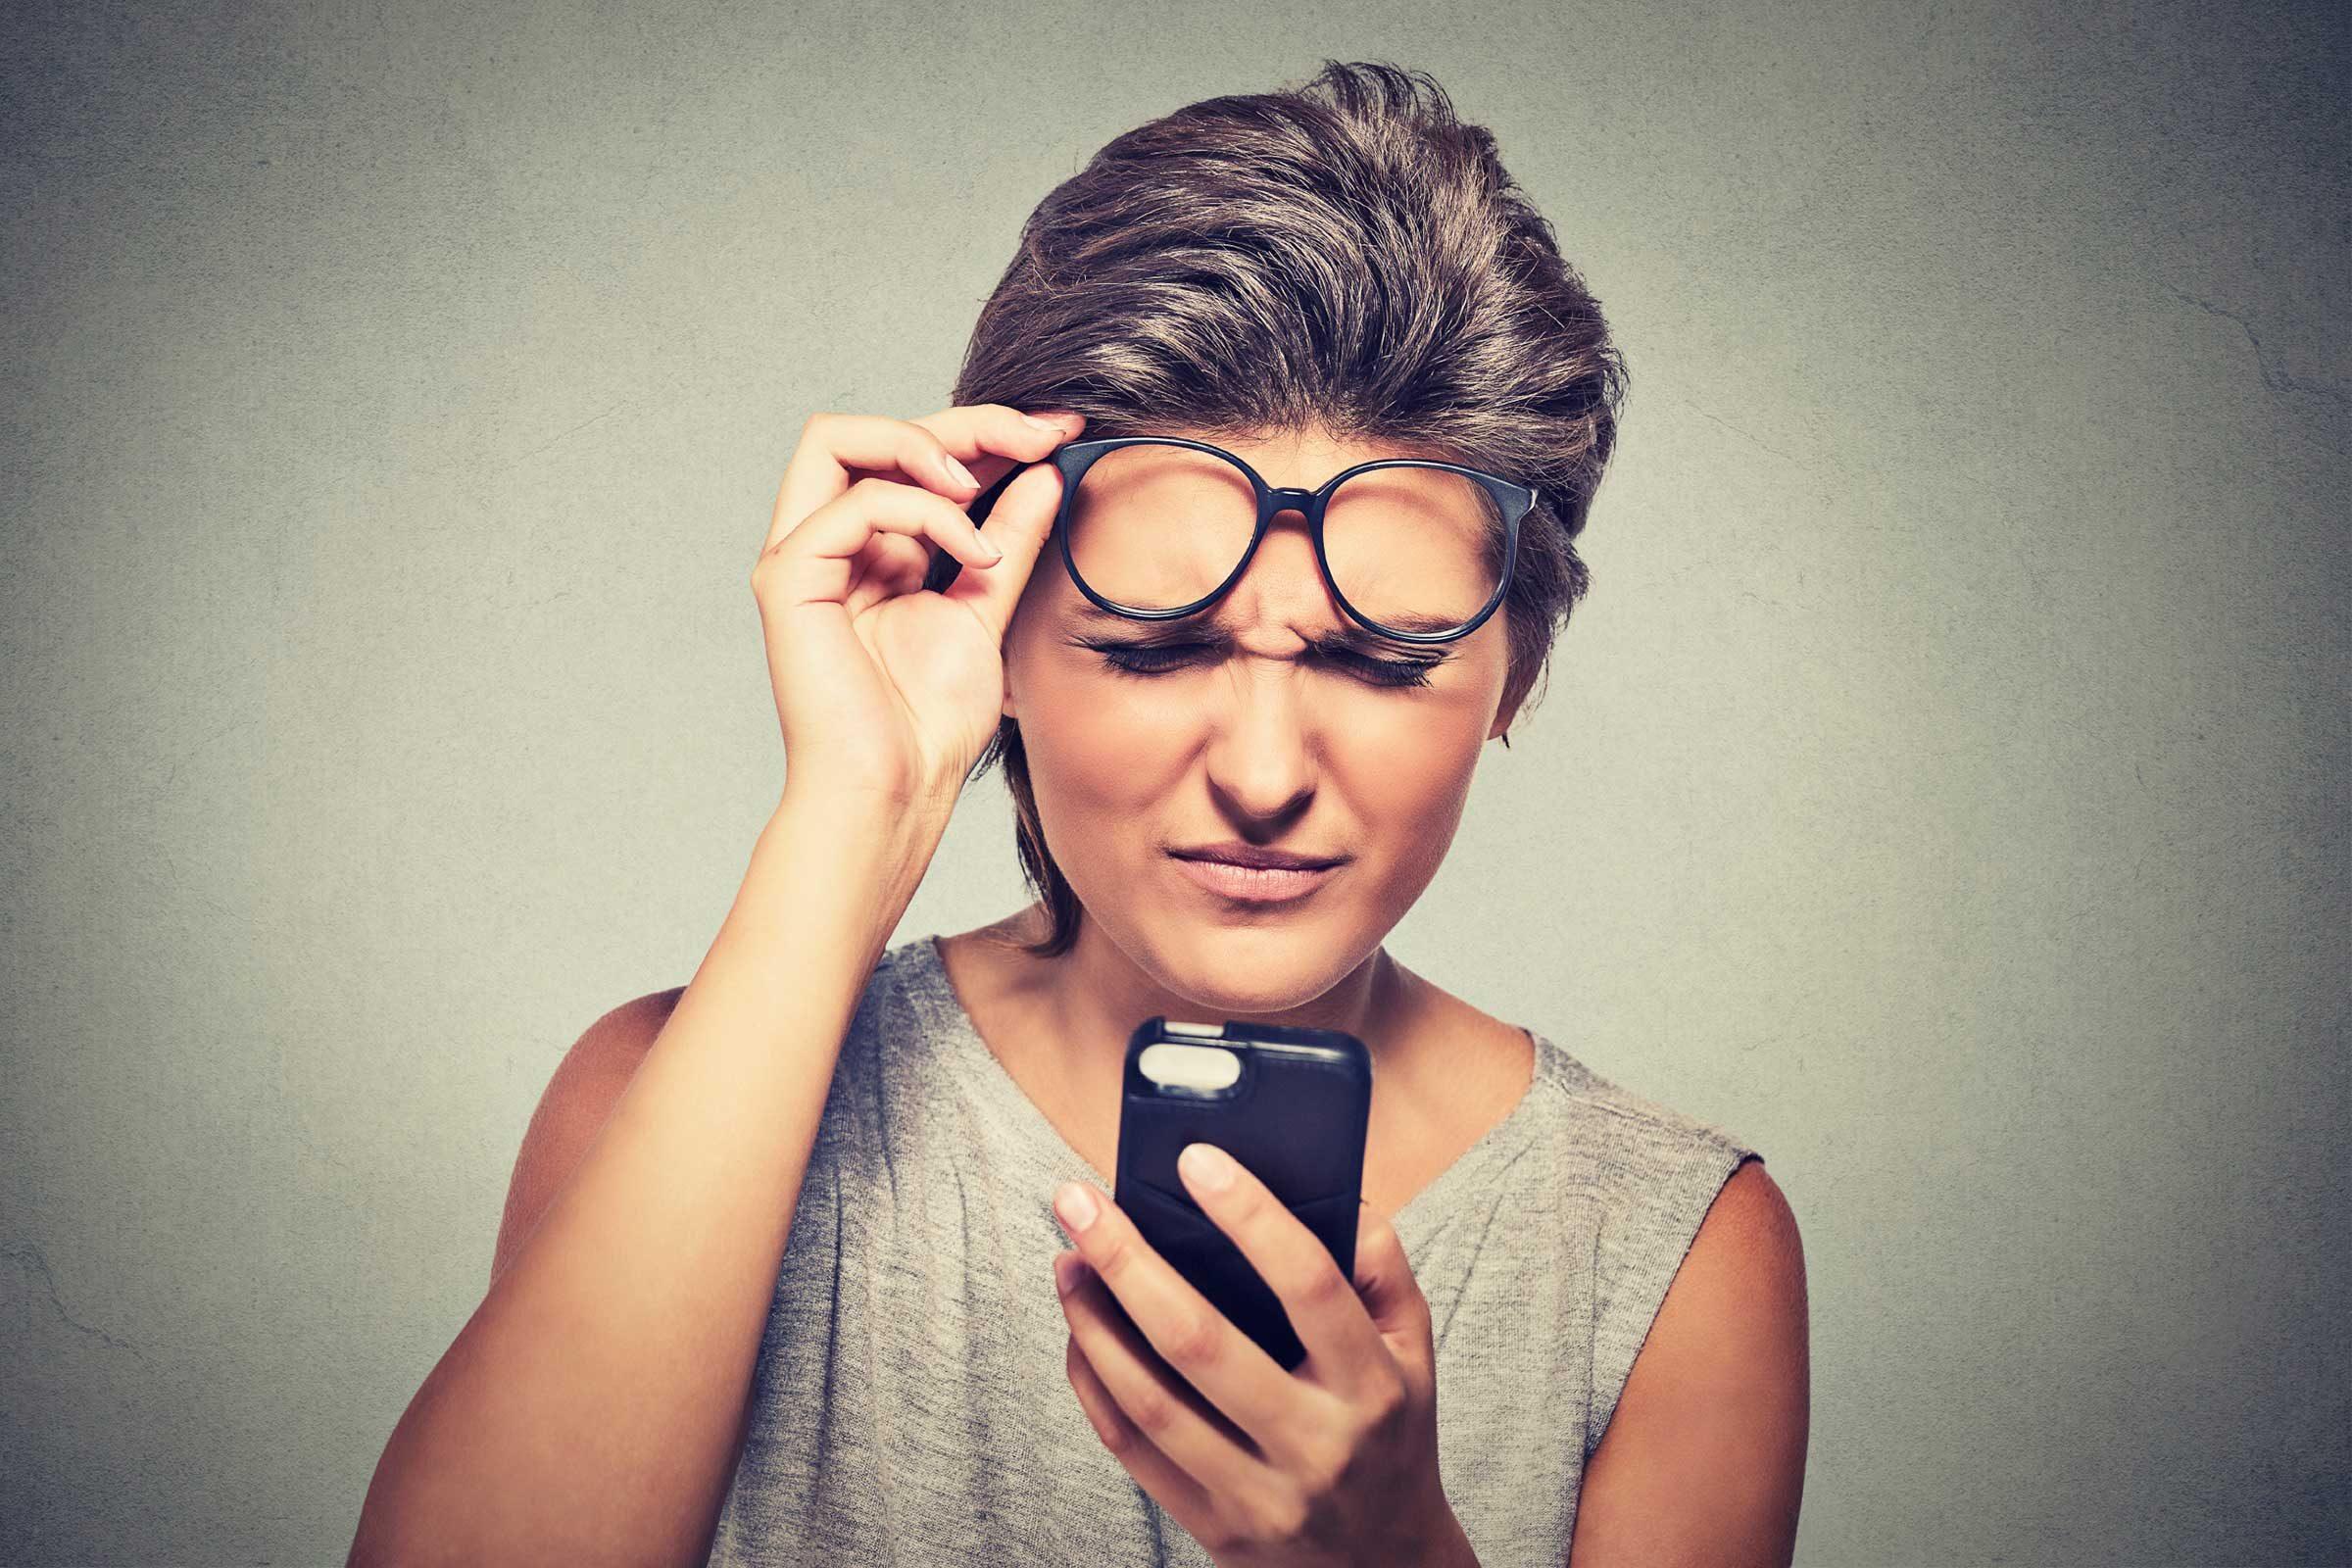 Secret du corps: pour mieux voir, on plisse les yeux